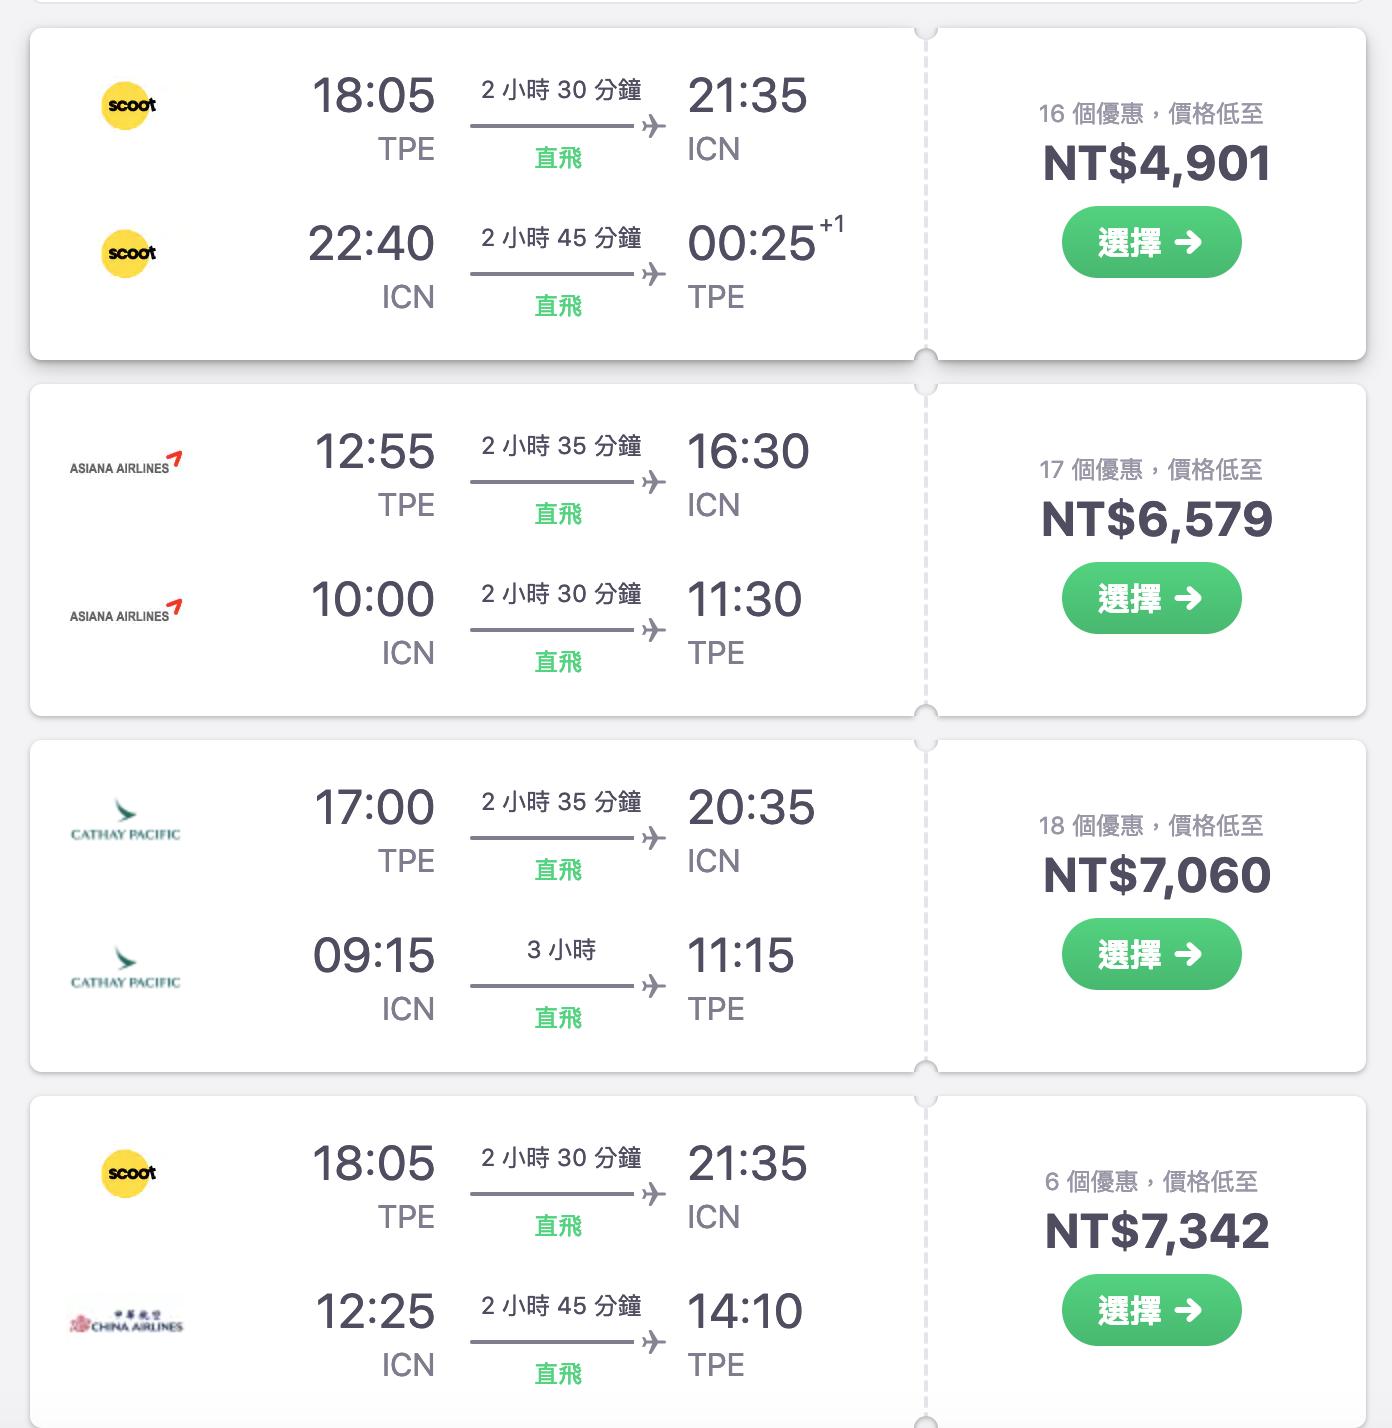 機票從來就不是票面價上看起來那麼單純思考而已!從巴黎、首爾、阿姆斯特丹三張便宜票價談起(查票:108.3.11)